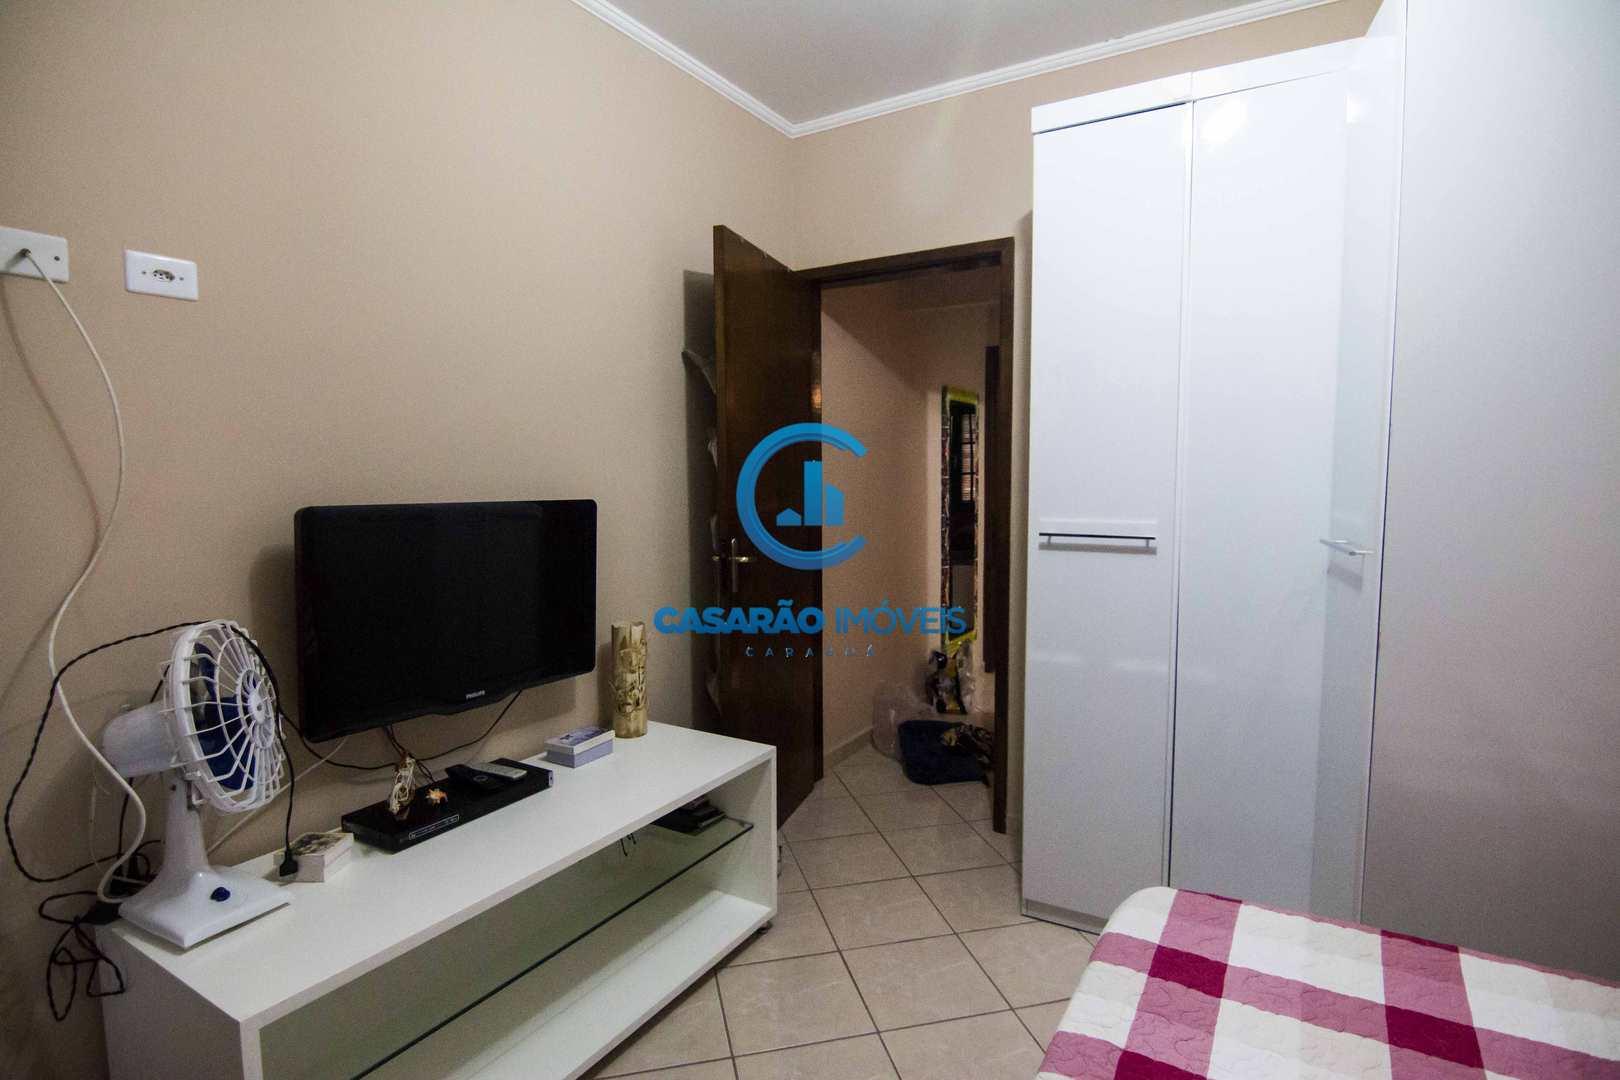 Sobrado de Condomínio com 2 dorms, Martim de Sá, Caraguatatuba - R$ 335 mil, Cod: 1297